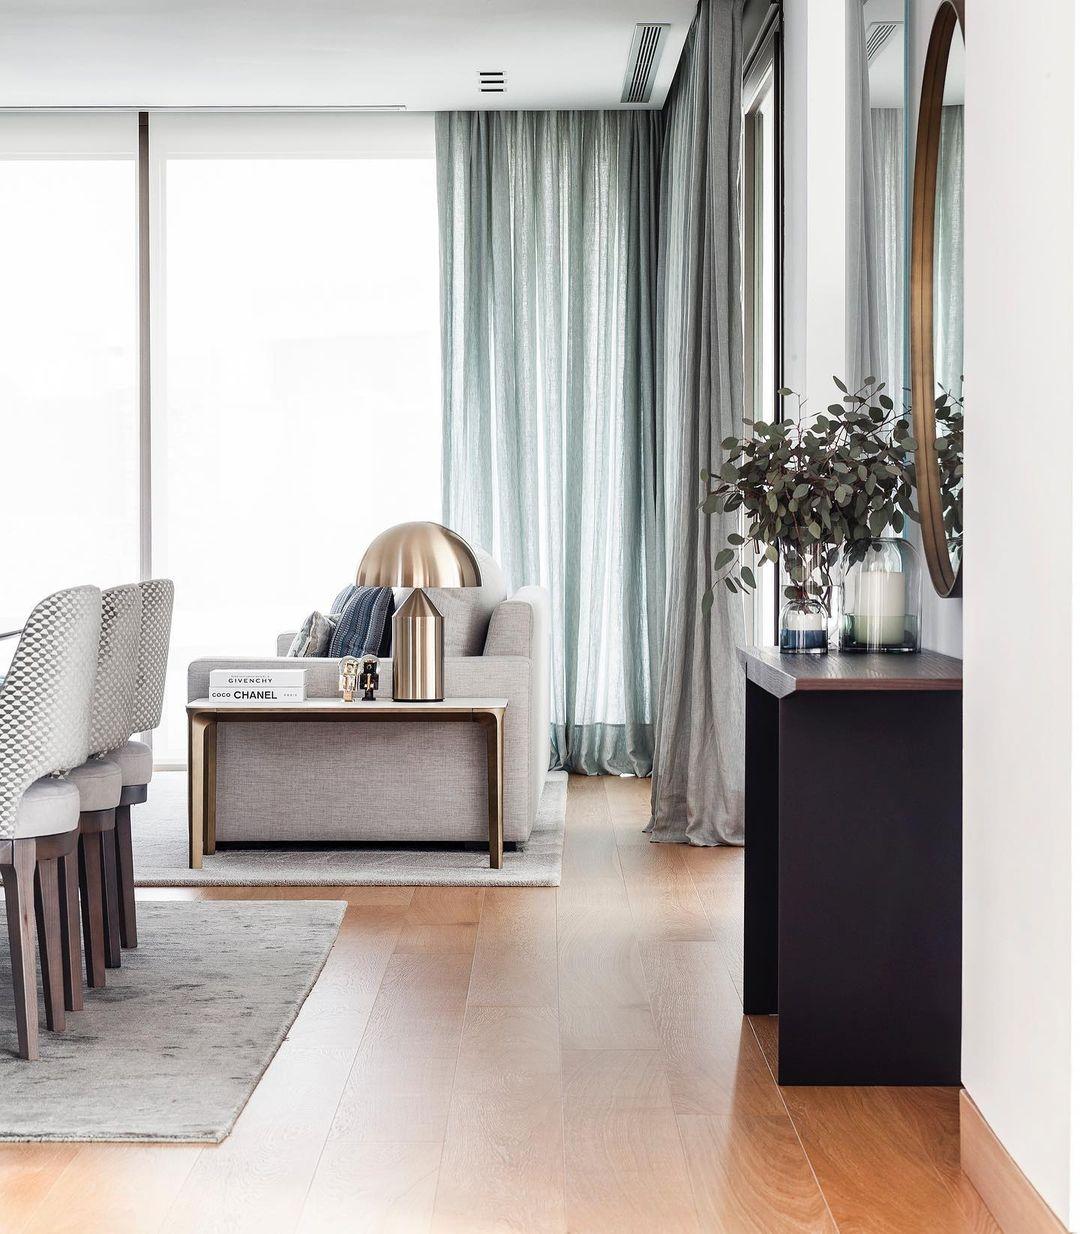 Diseño de Interiores: Una selección poderosa de proyectos en Madrid diseño de interiores Diseño de Interiores: Una selección poderosa de proyectos en Madrid 155927930 424732865484279 2117052900073865369 n